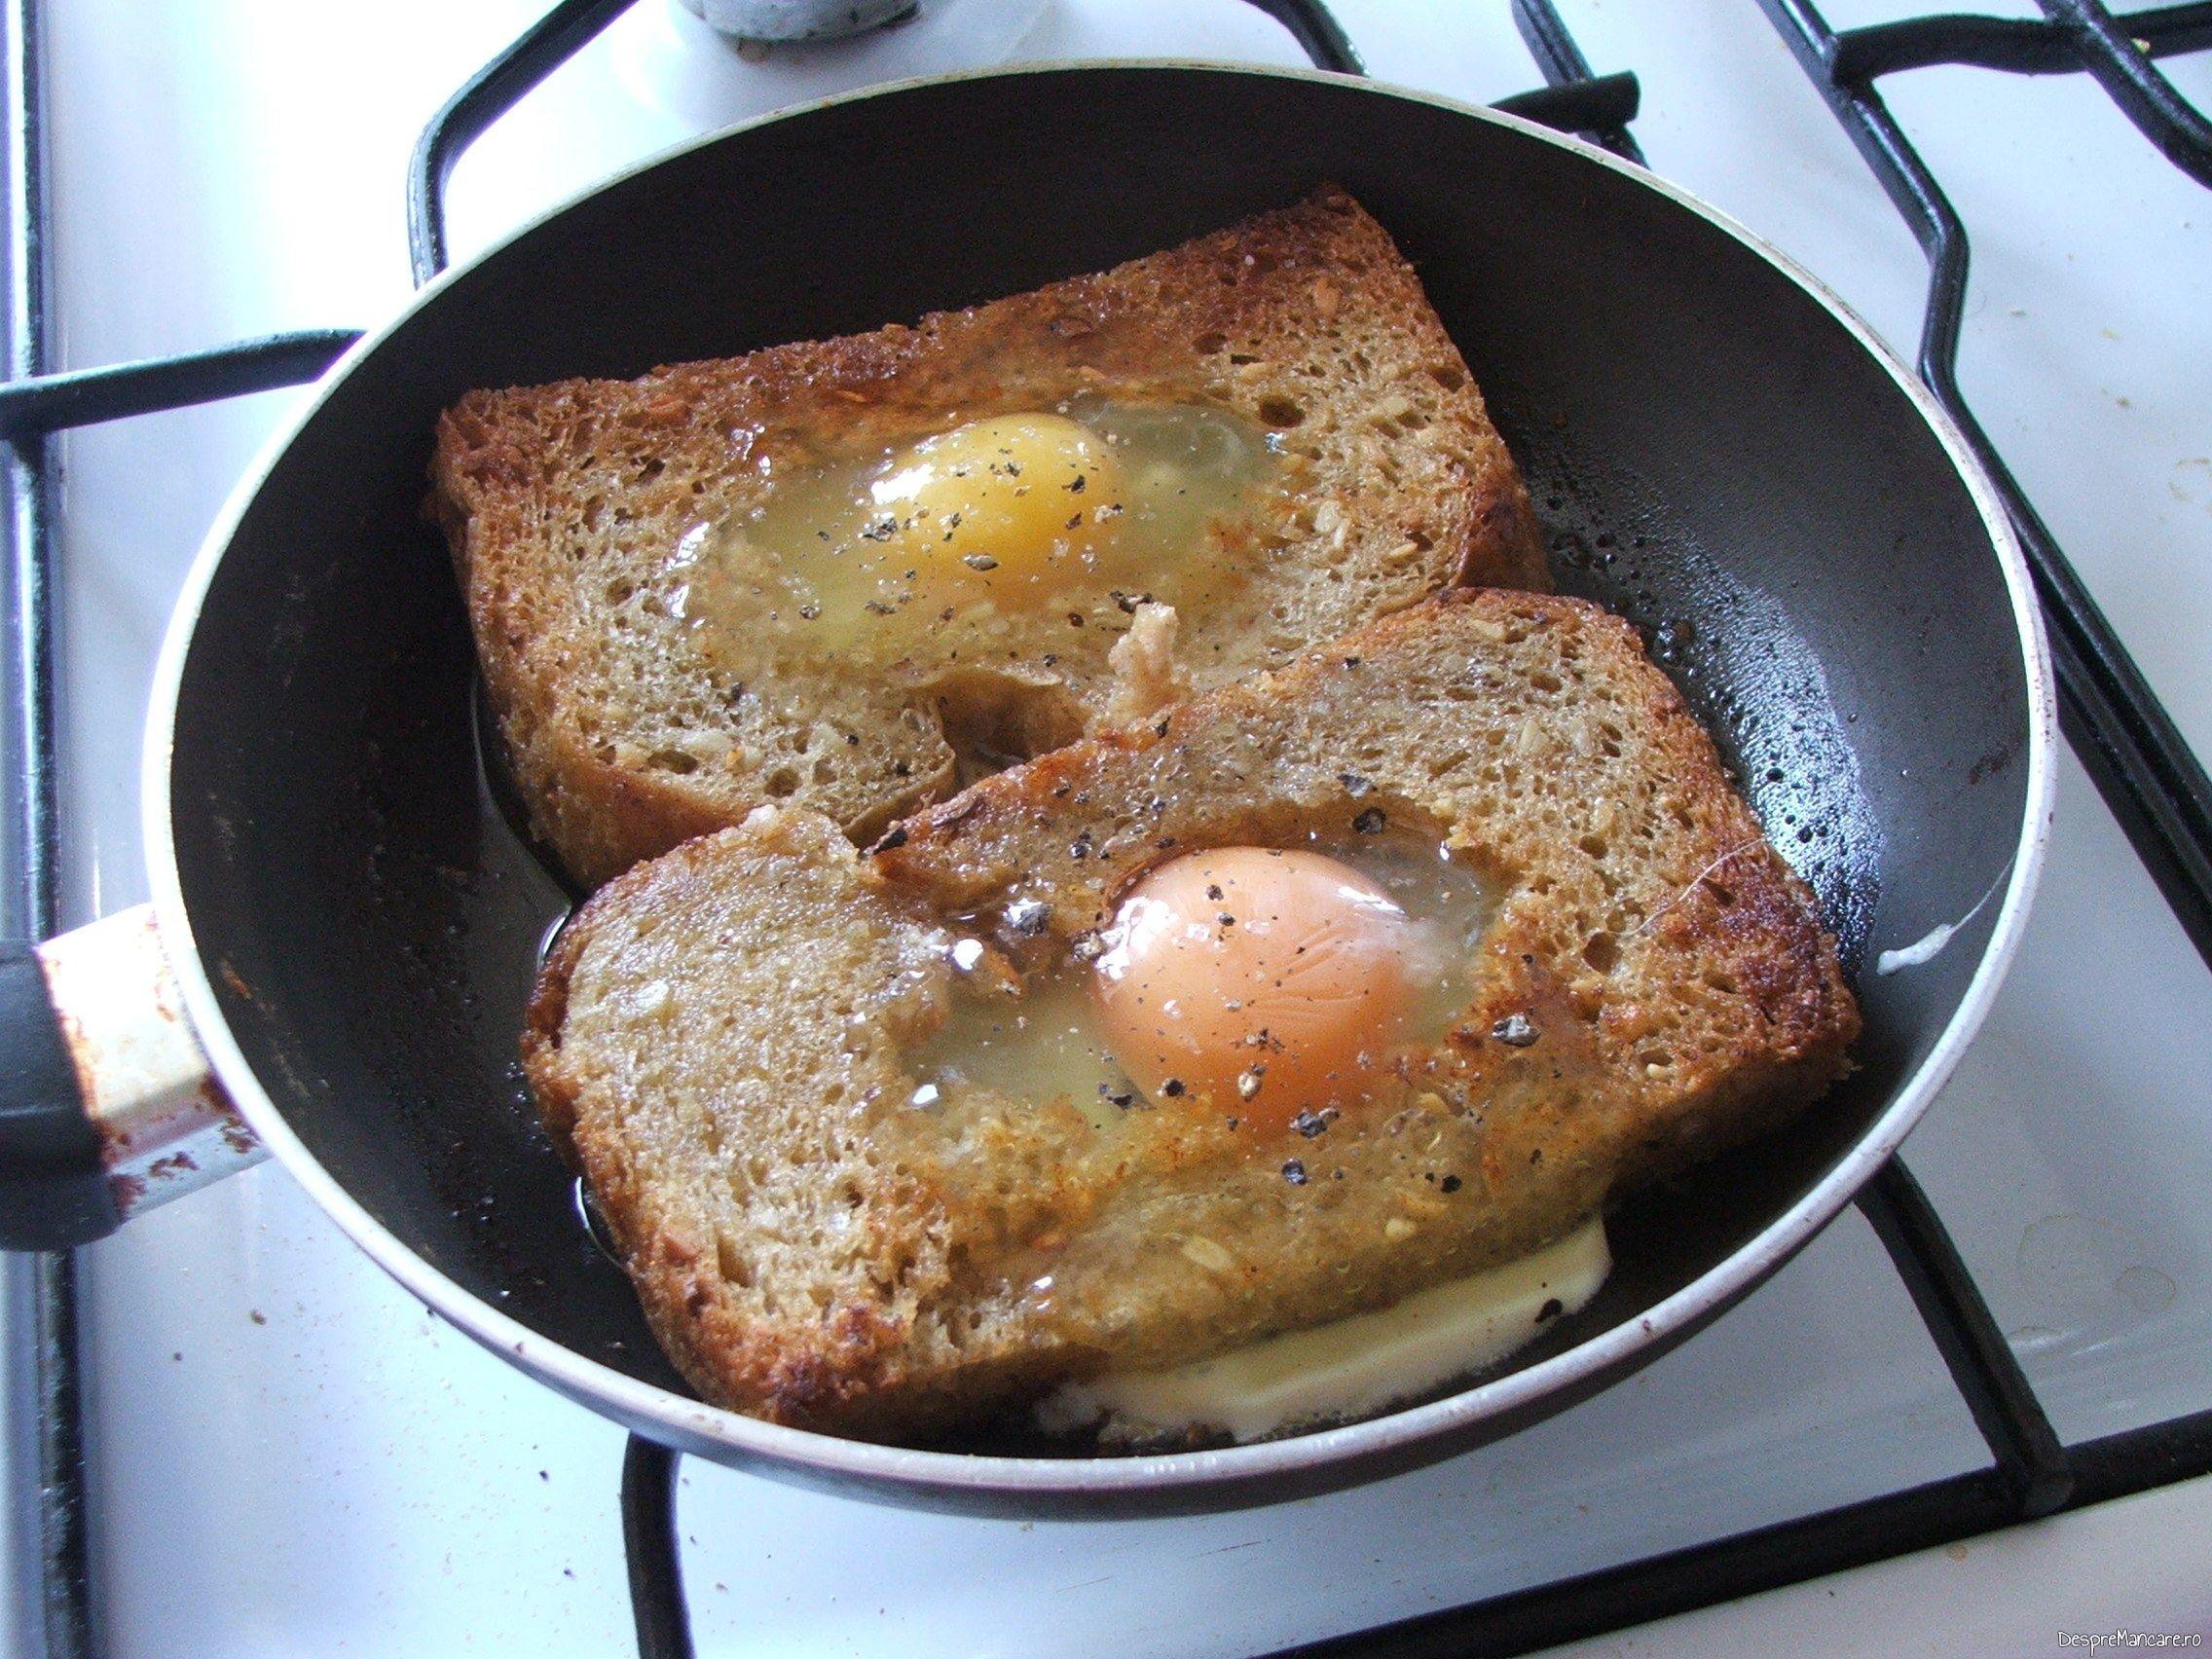 Oua de gaina scoase din coaja, puse in gaura de la feliile de paine pentru ochiuri cu cascaval afumat si paine prajita.